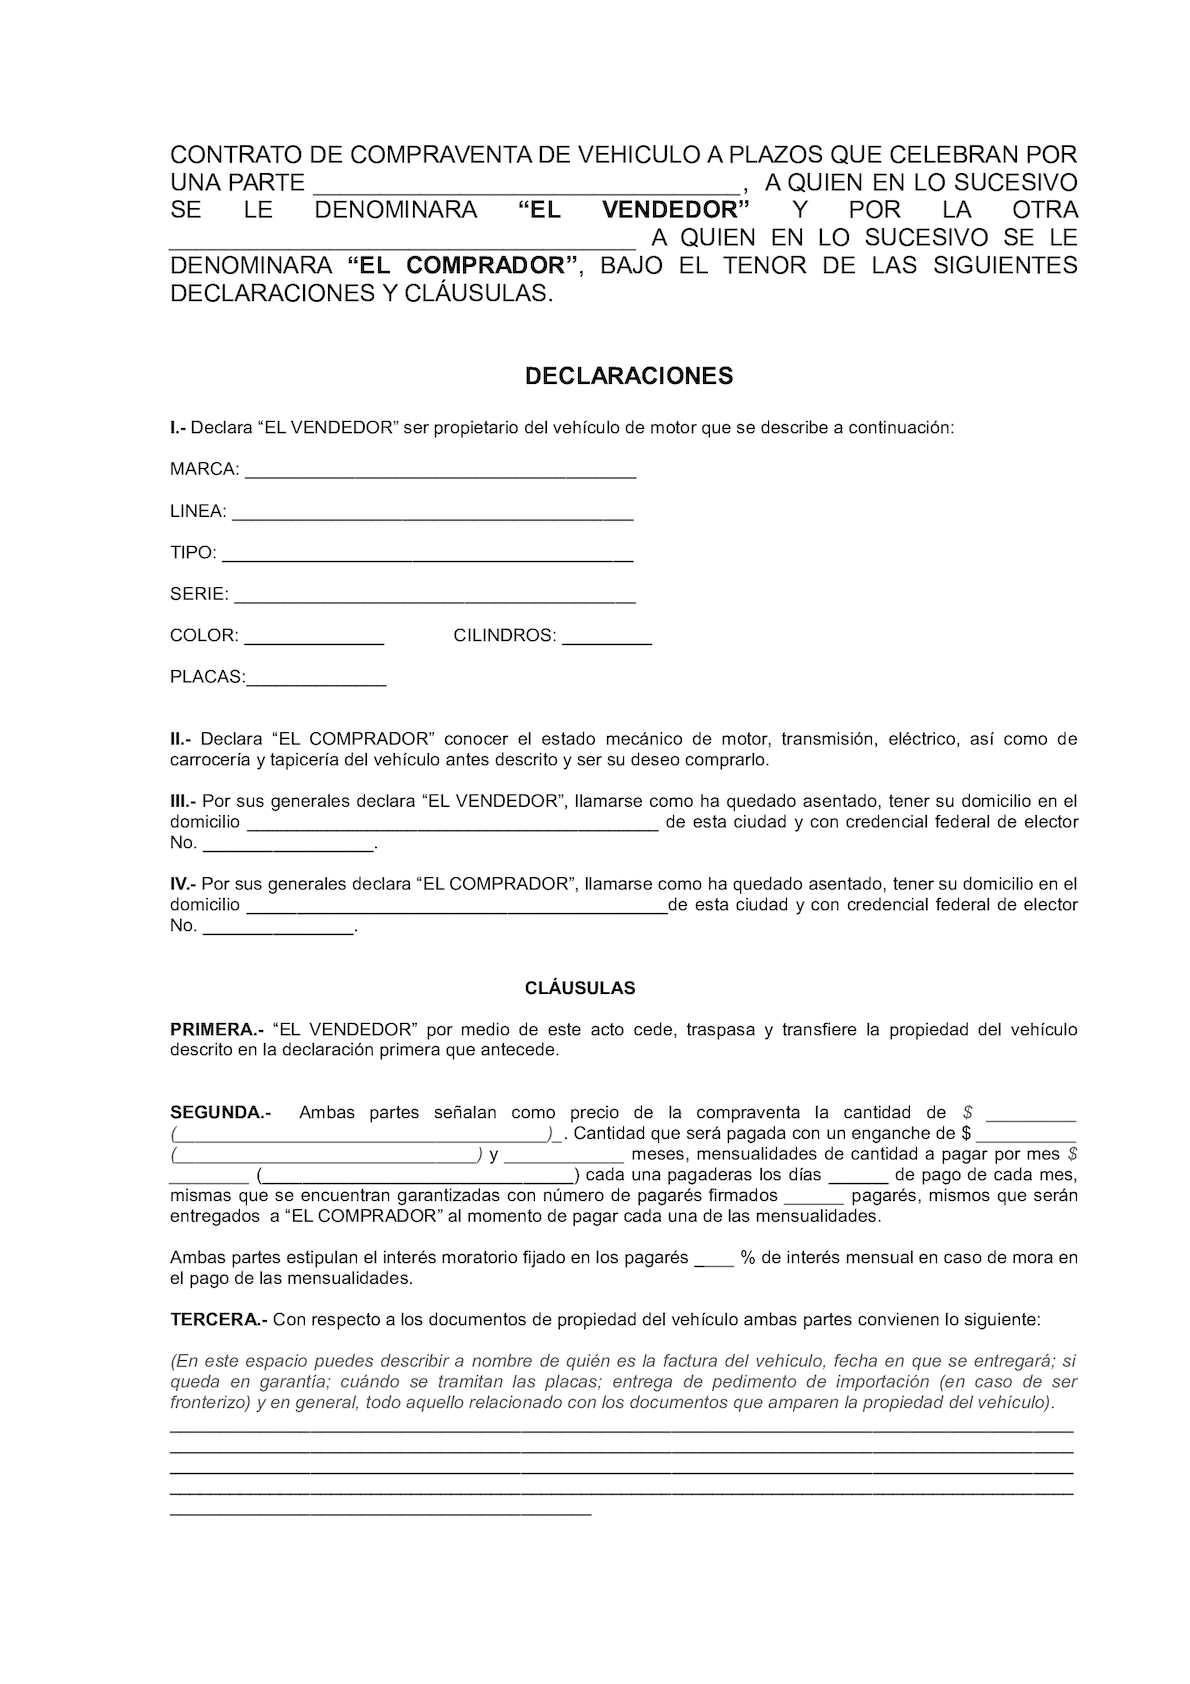 Calaméo Contrato De Compraventa De Vehiculo A Plazos1